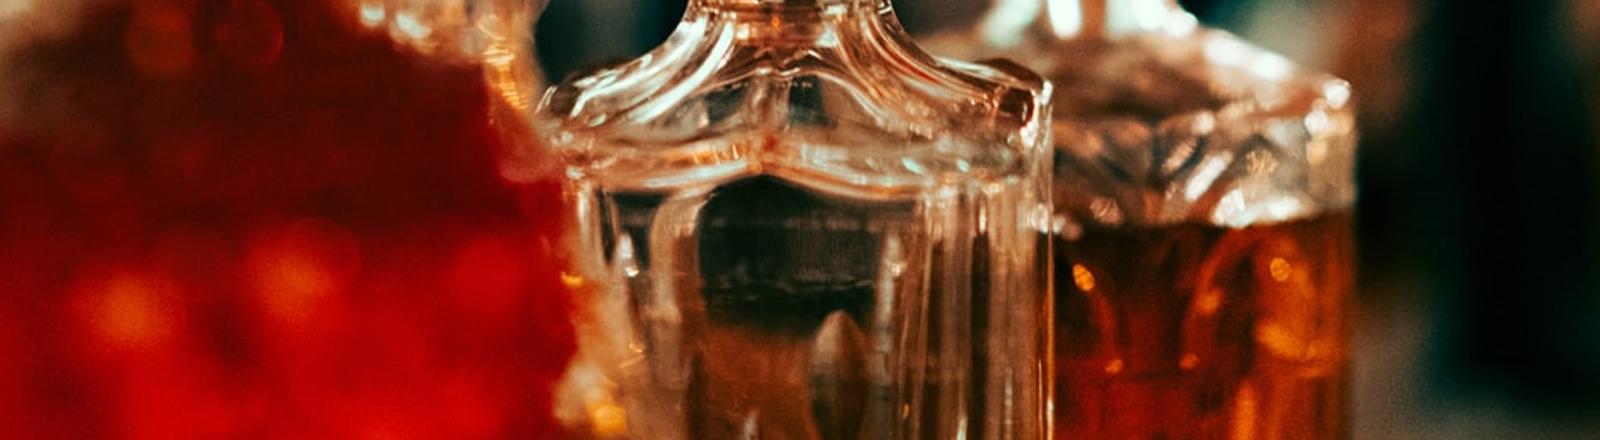 Whisky-Flaschen